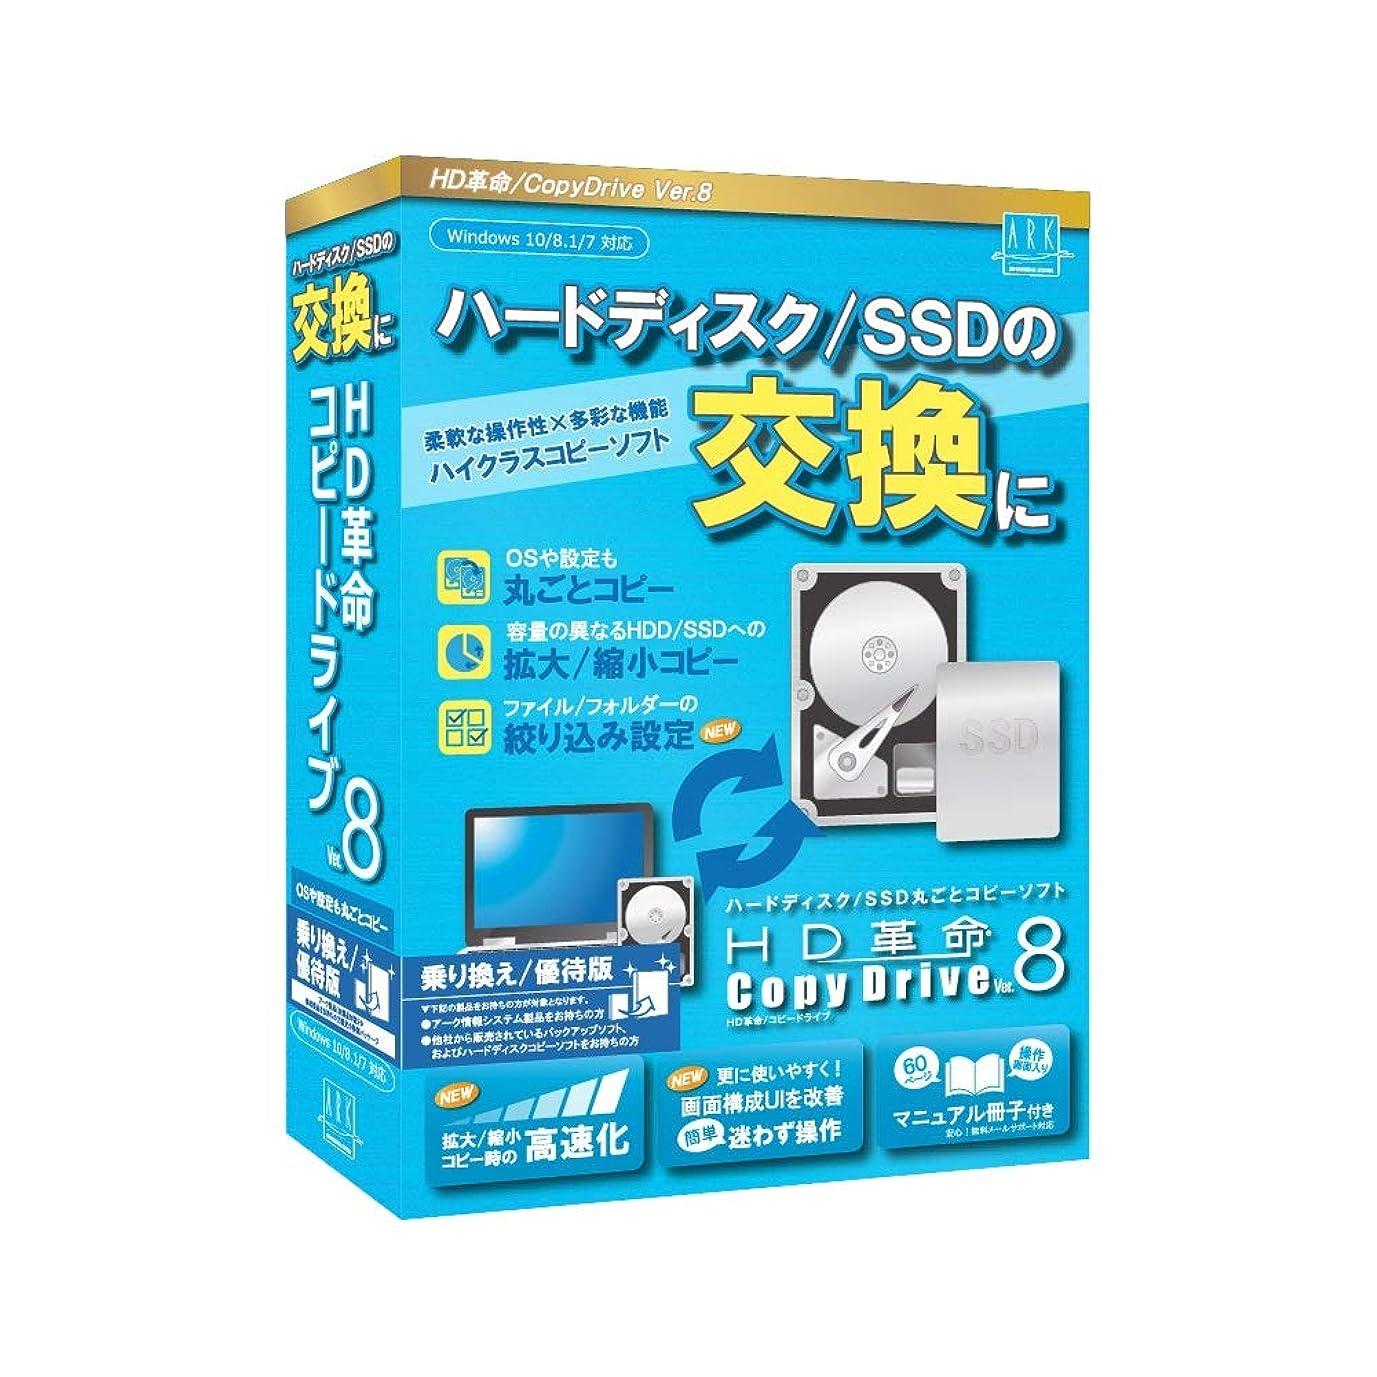 セブン行方不明手段【最新版】HD革命/CopyDrive8_乗り換え/優待版 ハードディスク SSD 入れ替え 交換 まるごとコピーソフト コピードライブ